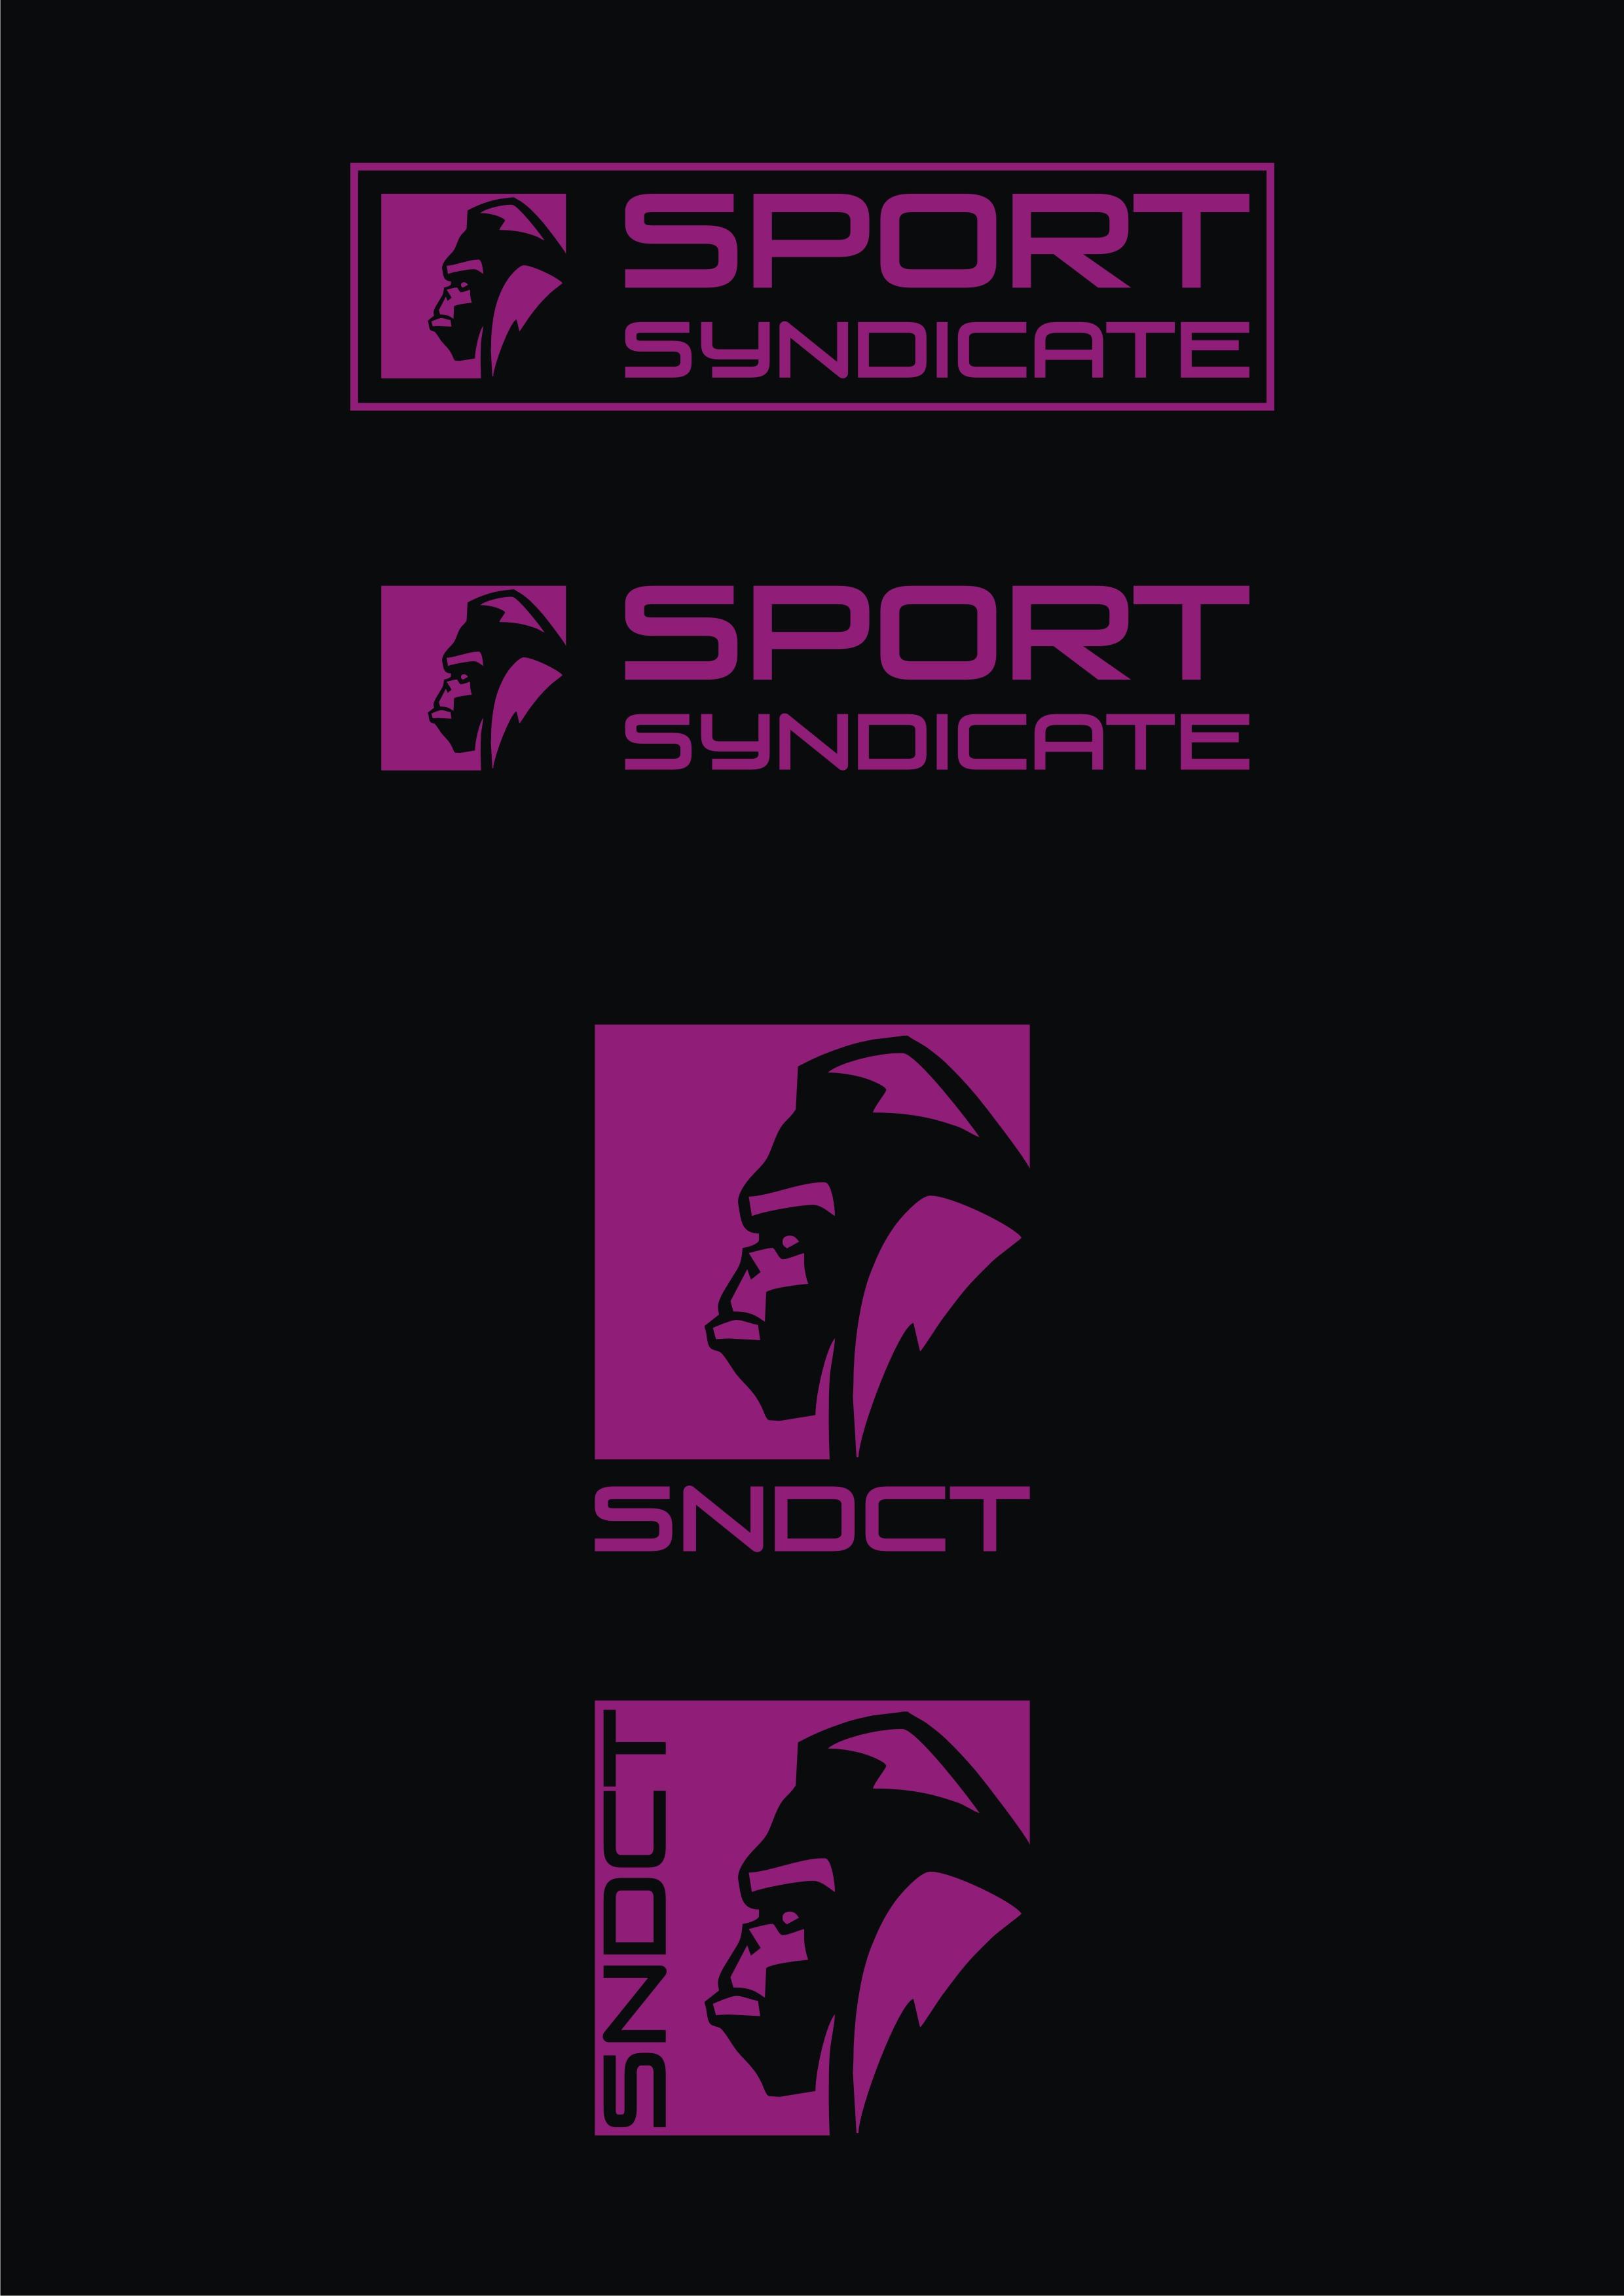 Создать логотип для сети магазинов спортивного питания фото f_4745967493b14ecd.jpg